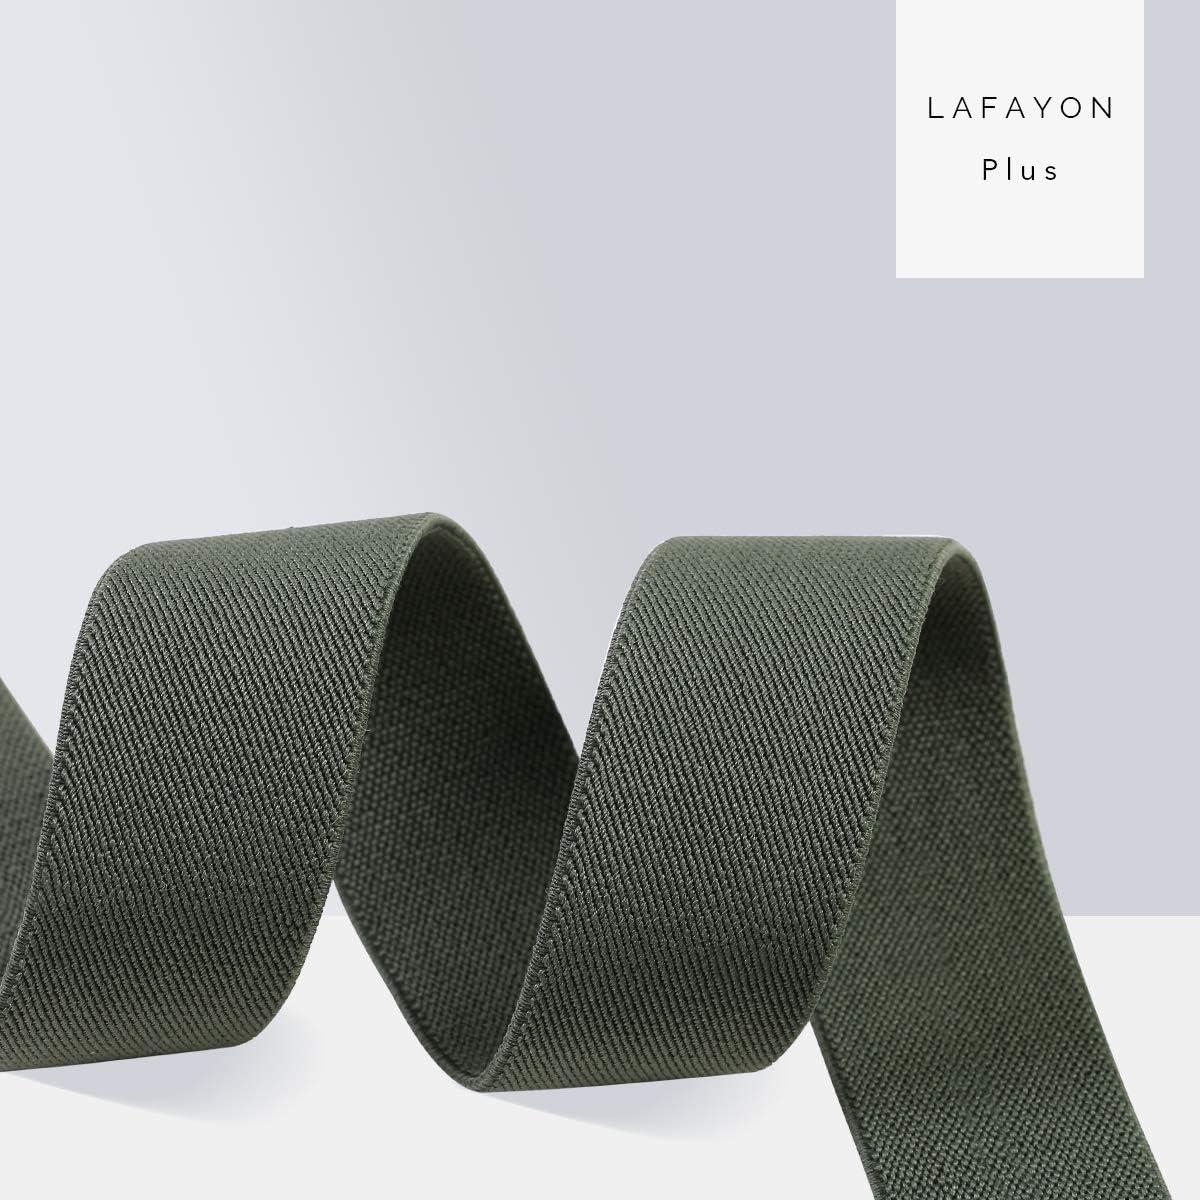 Lafayon Bretelle Uomo Bretelle Per Uomo 6 Fibbie Y Dietro a Righe Uomo Bretelle Durevoli Bretelle Regolabili Elastiche Clip Di Metallo Forte